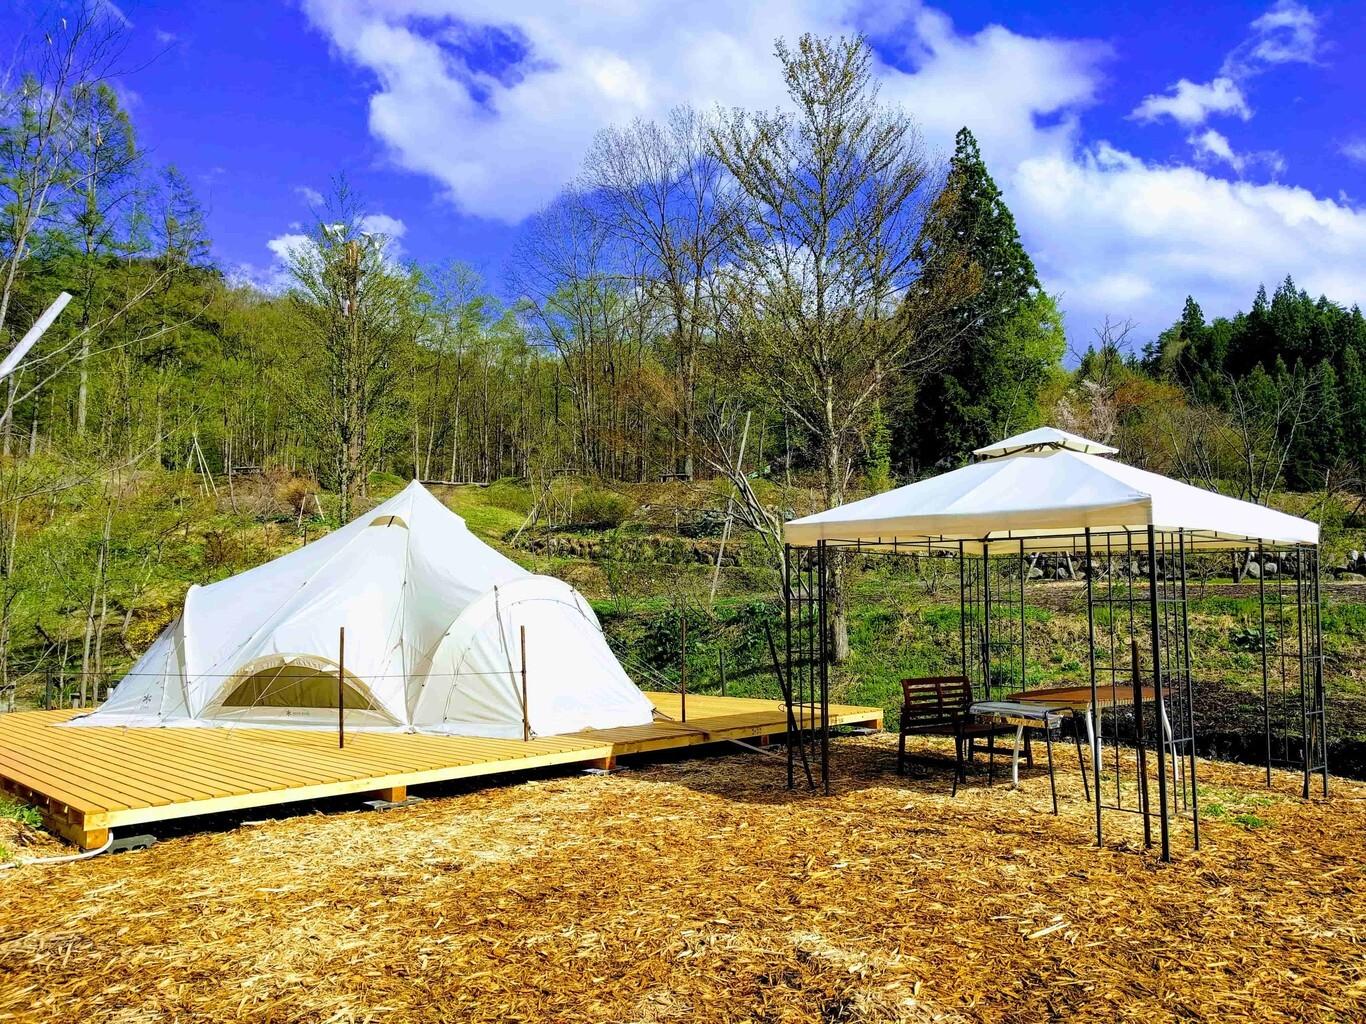 白馬森のわさび農園オートキャンプ場 の公式写真c12439